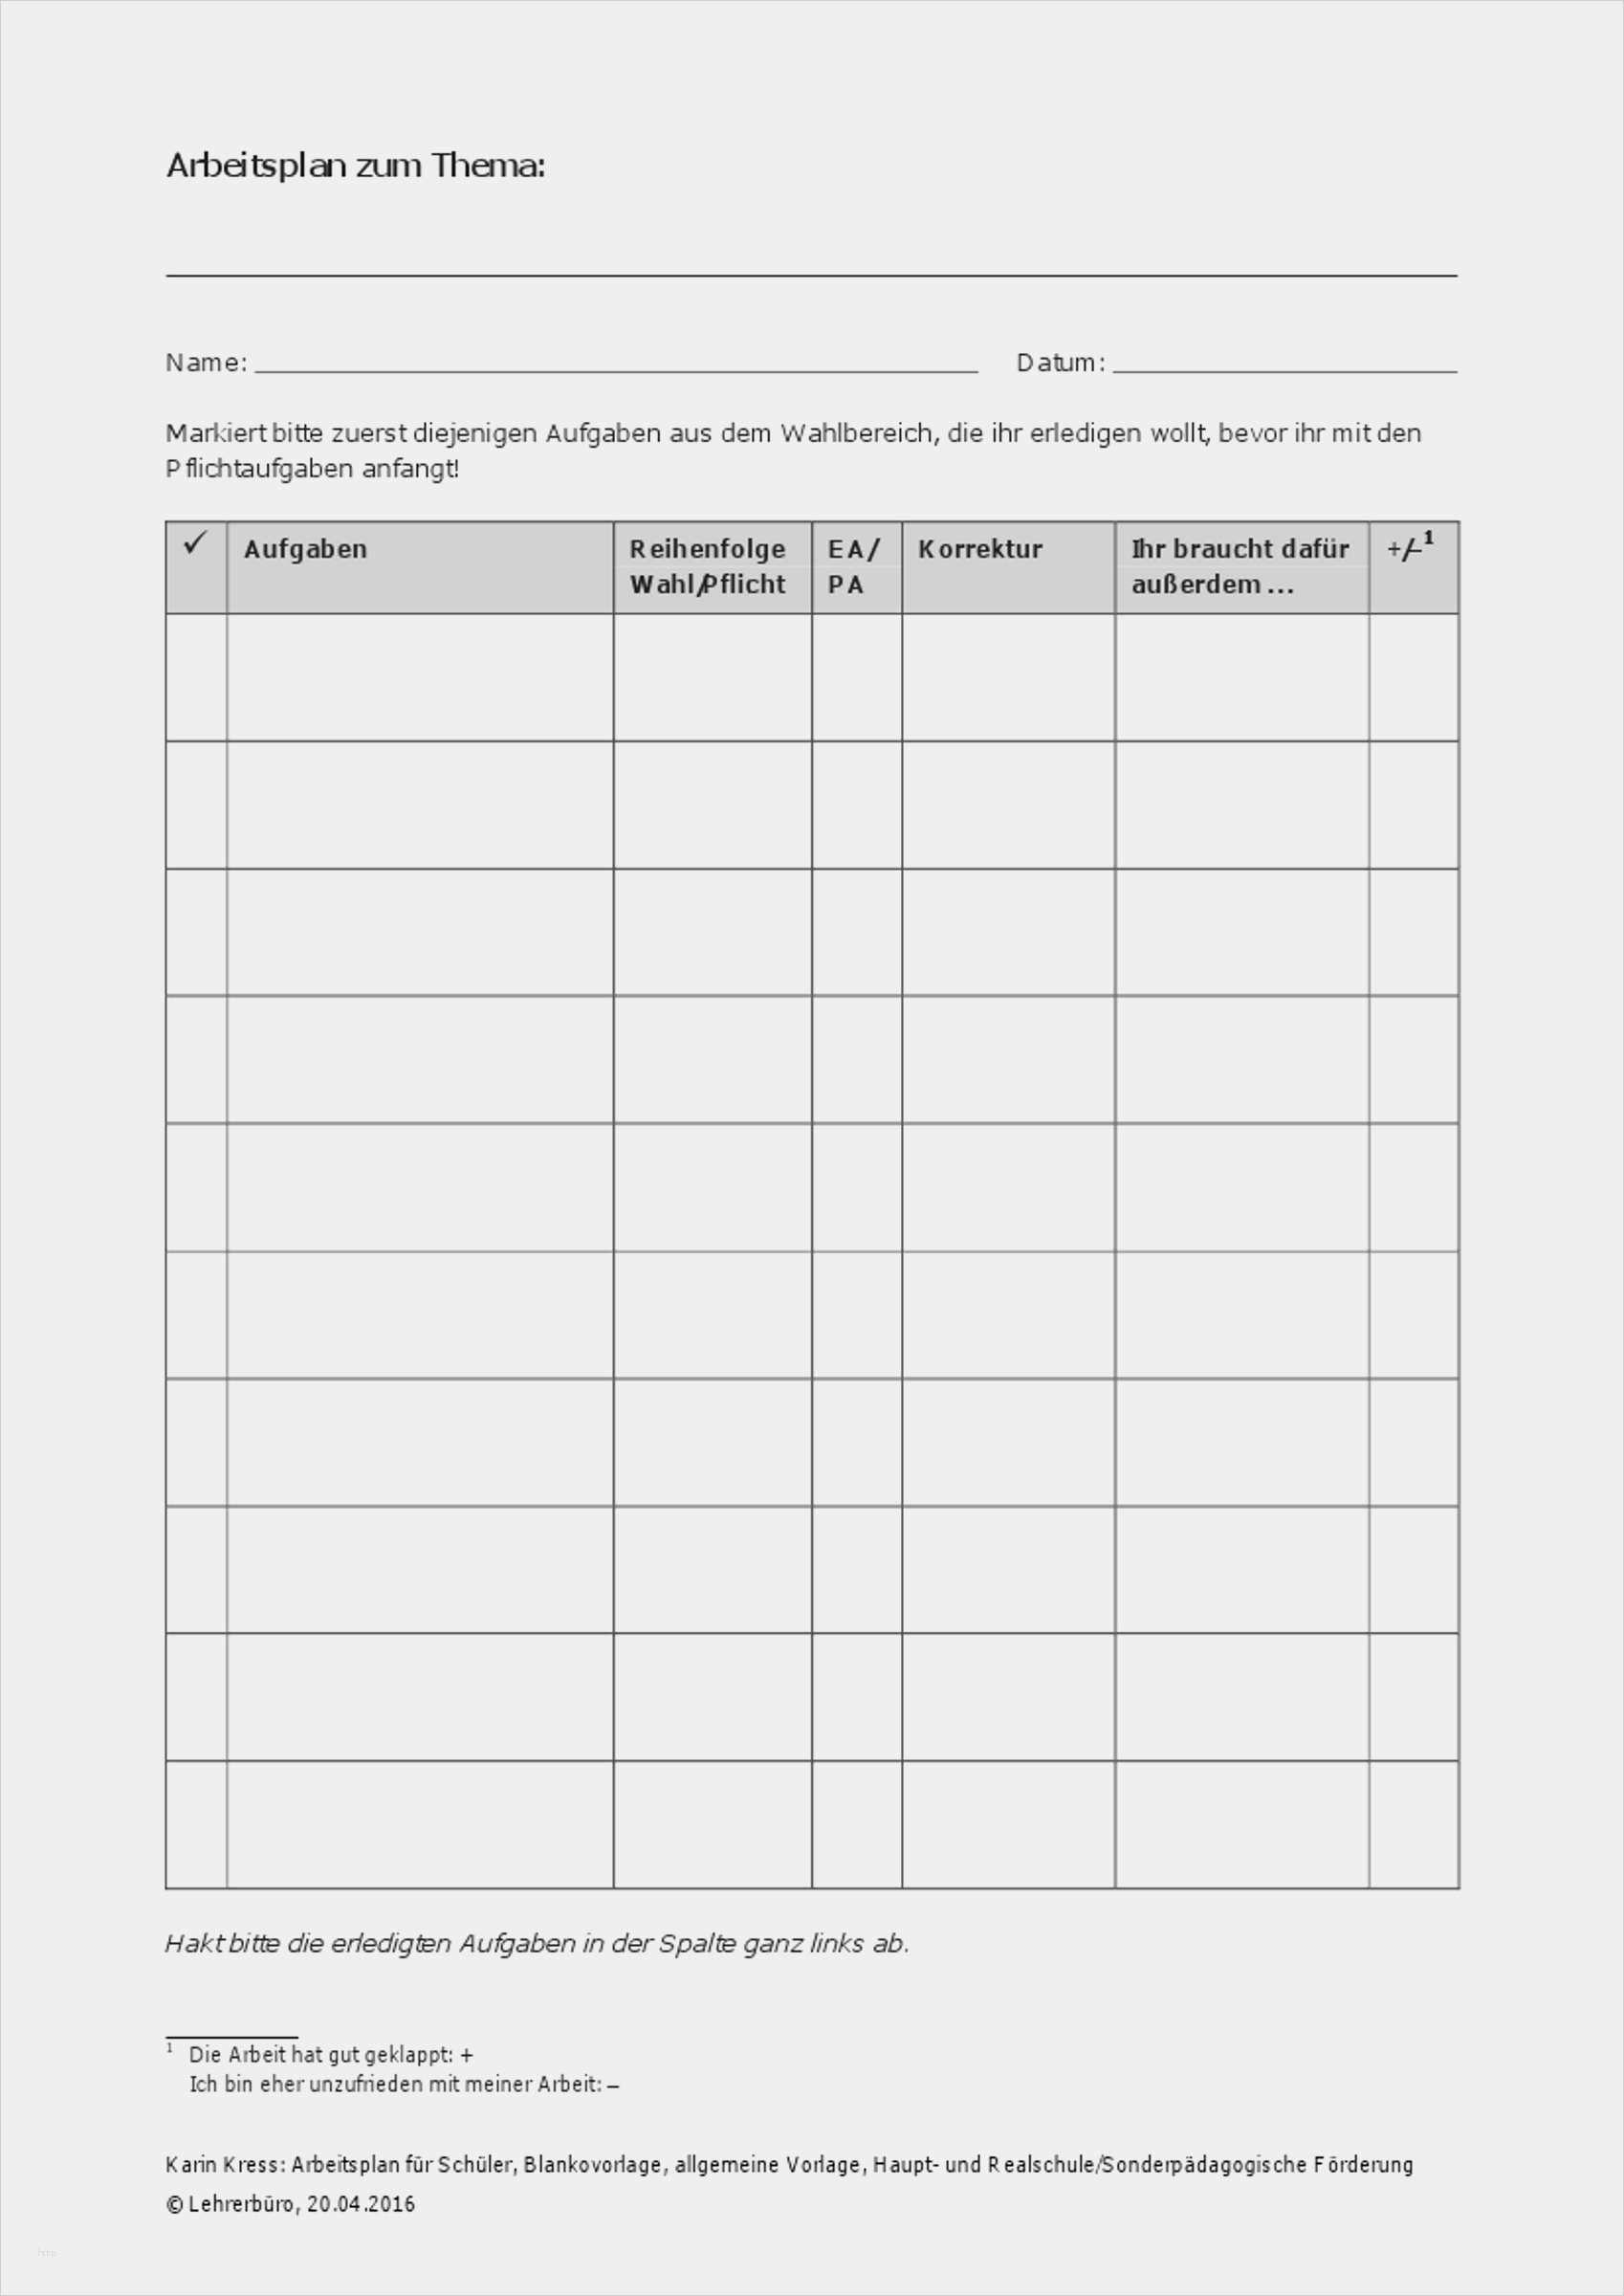 Luxus Arbeitsplan Vorlage Pdf Modelle In 2020 Chart Resume Bar Chart